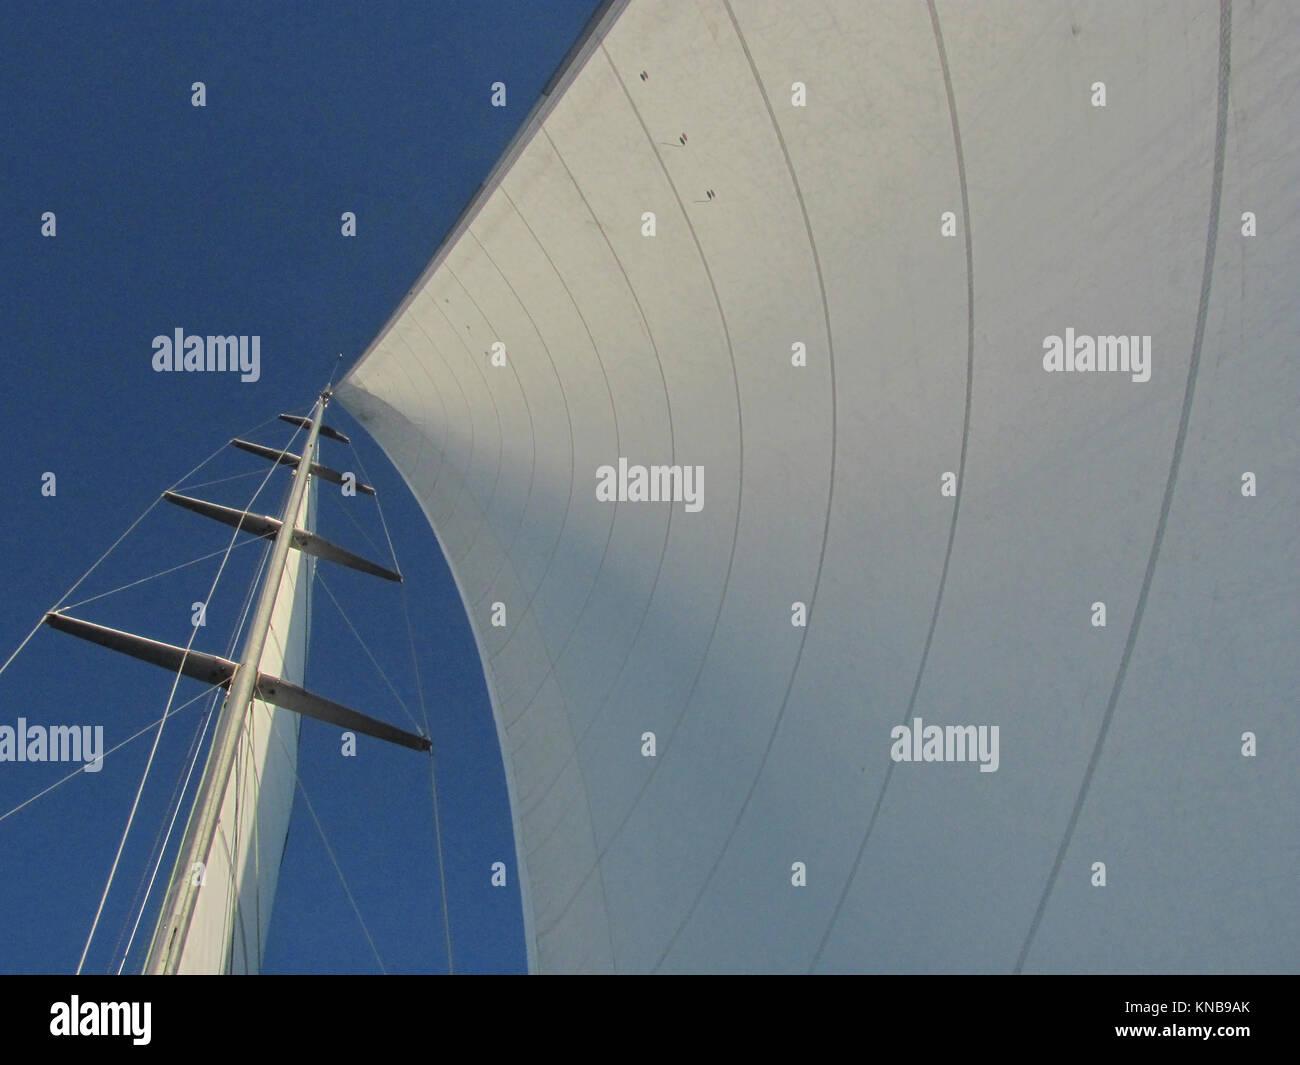 Main Sail on Sailboat - Stock Image